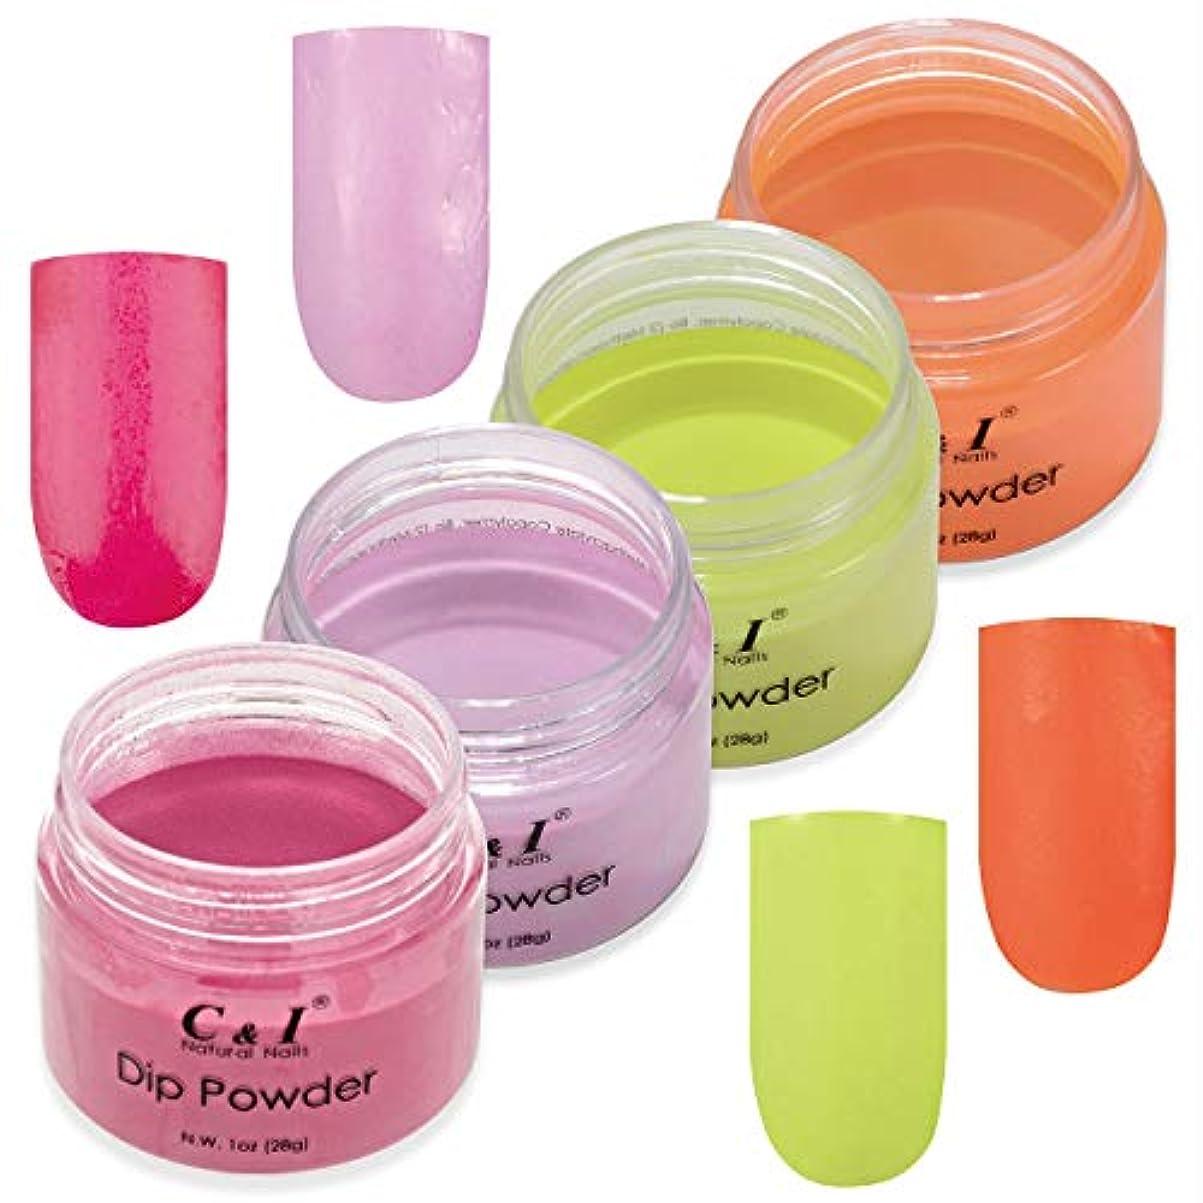 良心的無駄北米C & I Dip Powder Nail Colors & Liquids Set, 4 colors and 4 liquids, Gel Nail Effect Colors, N.W. 28 g * 4 pcs...